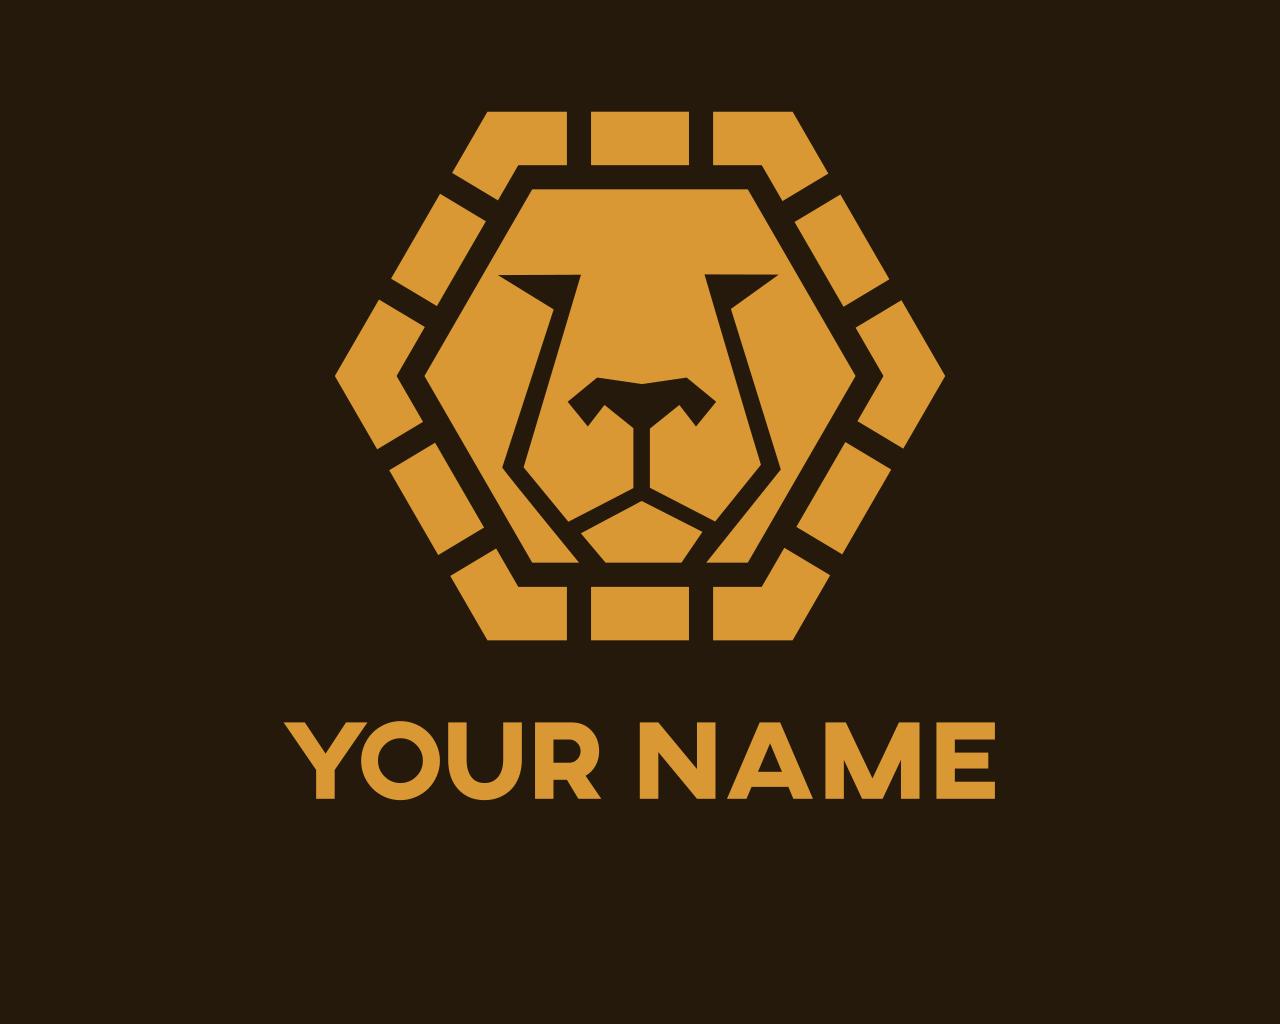 I Will Design Golden Lion Emblem Logo